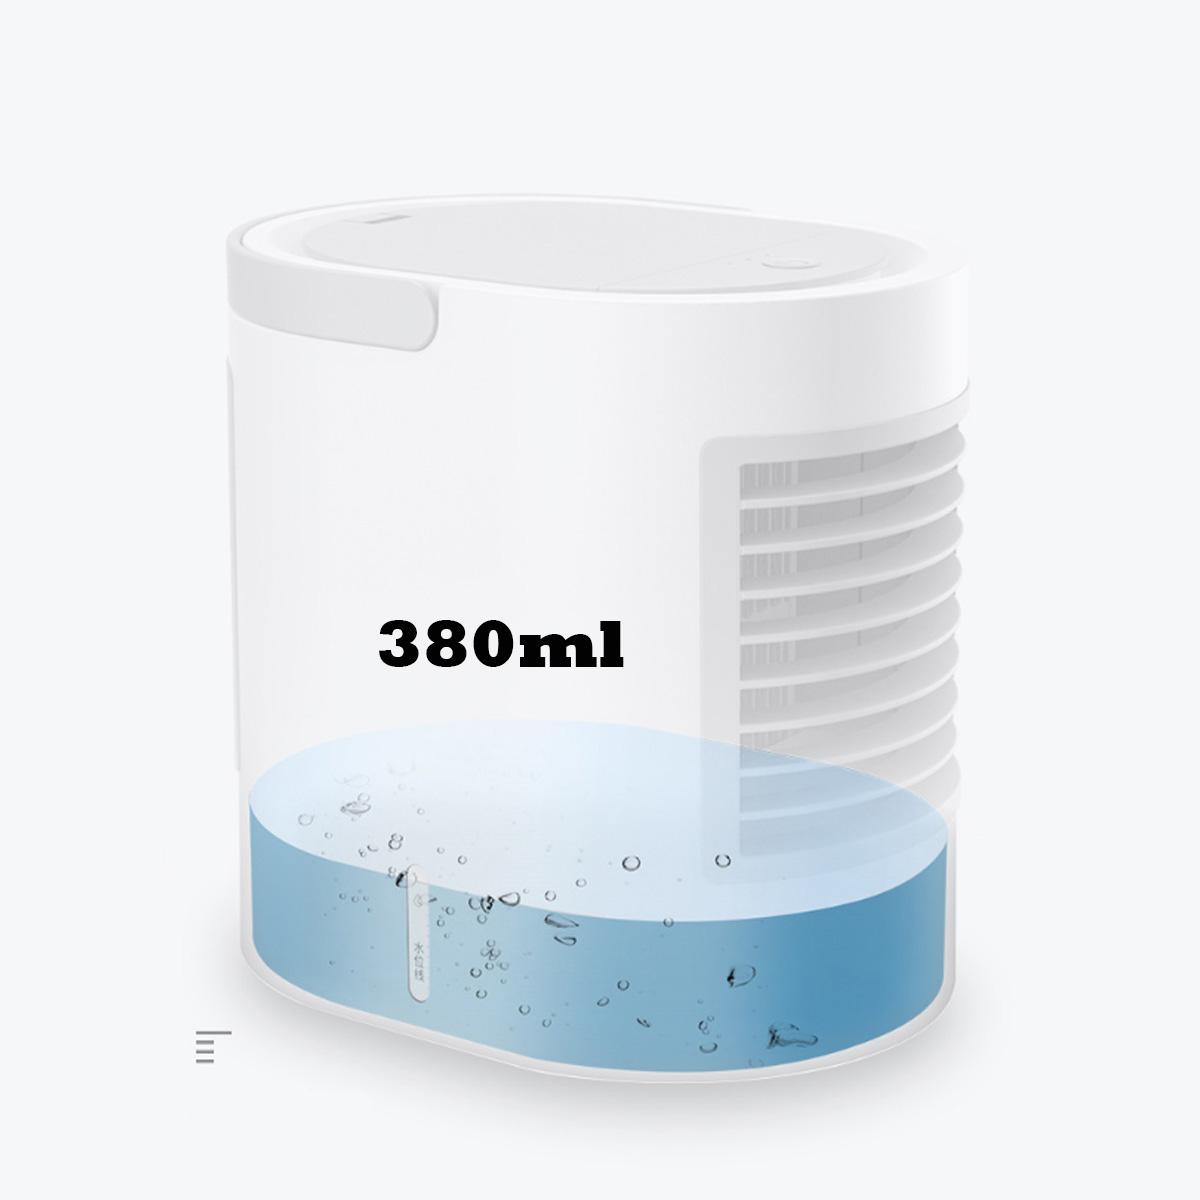 Refroidisseur d'air d'ion négatif d'USB de mini ventilateur de climatisation de la vitesse 3W 380ml USB pour l'usage à la maison de bureau